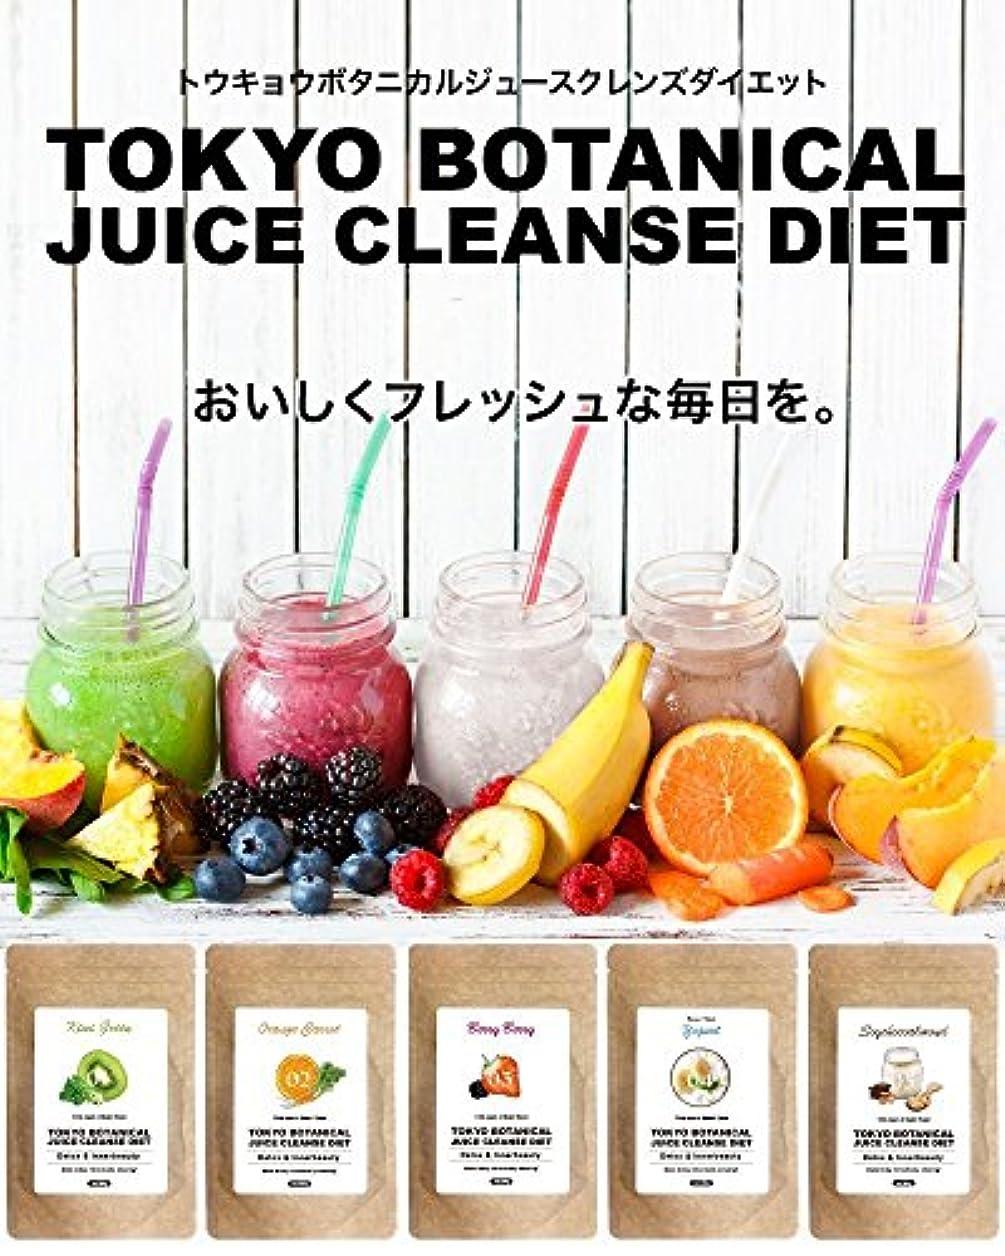 見捨てる距離お願いしますTOKYO BOTANICAL JUICE CLEANSE DIET(Yogurt)